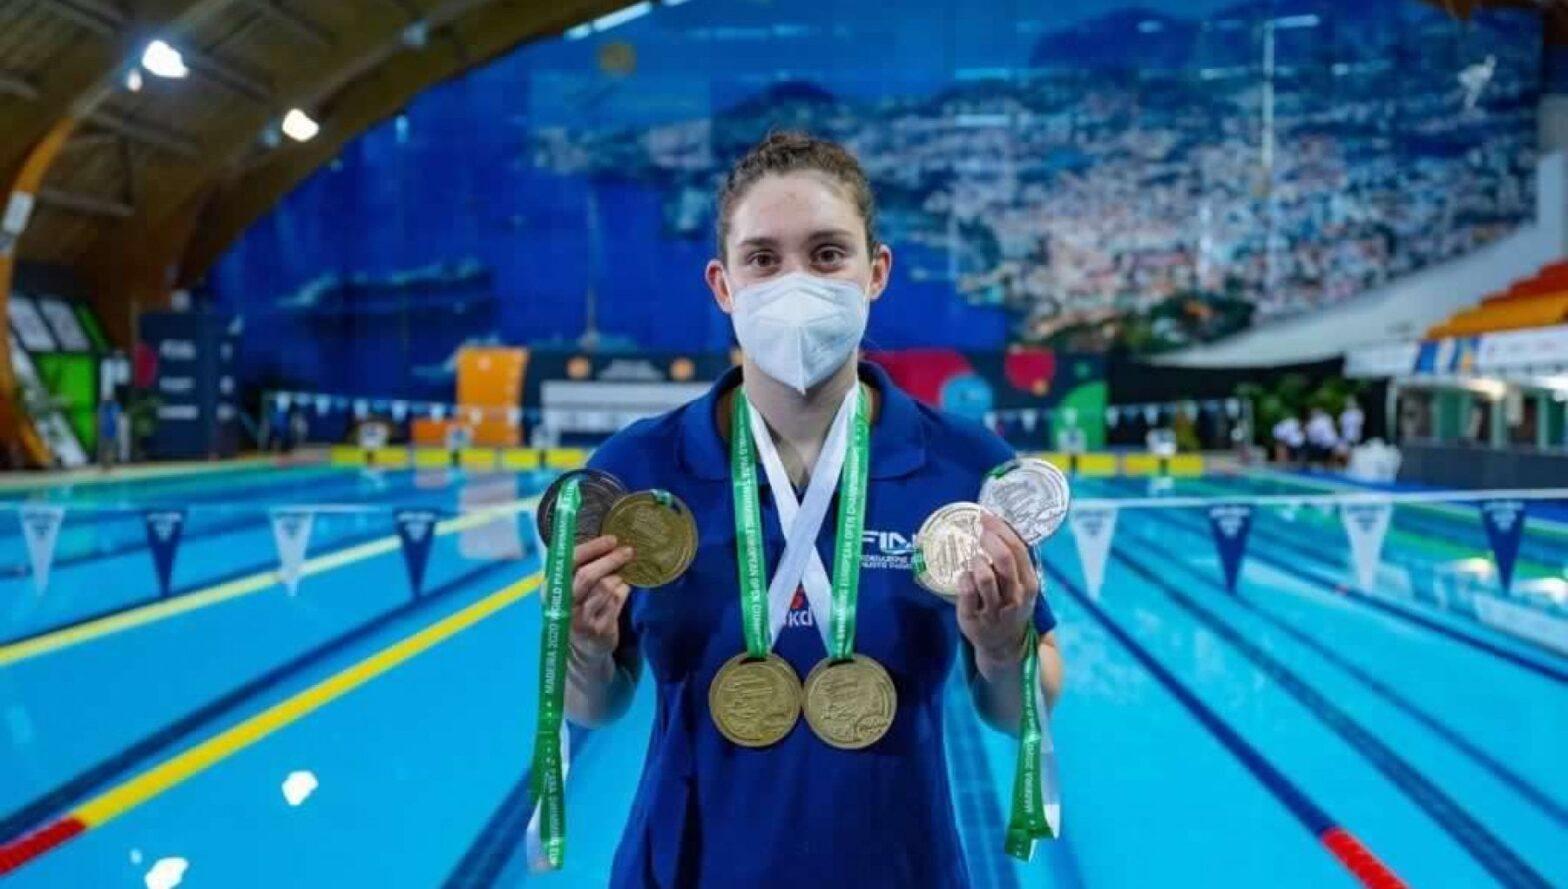 Carlotta Gilli con al collo le medaglie paralimpiche